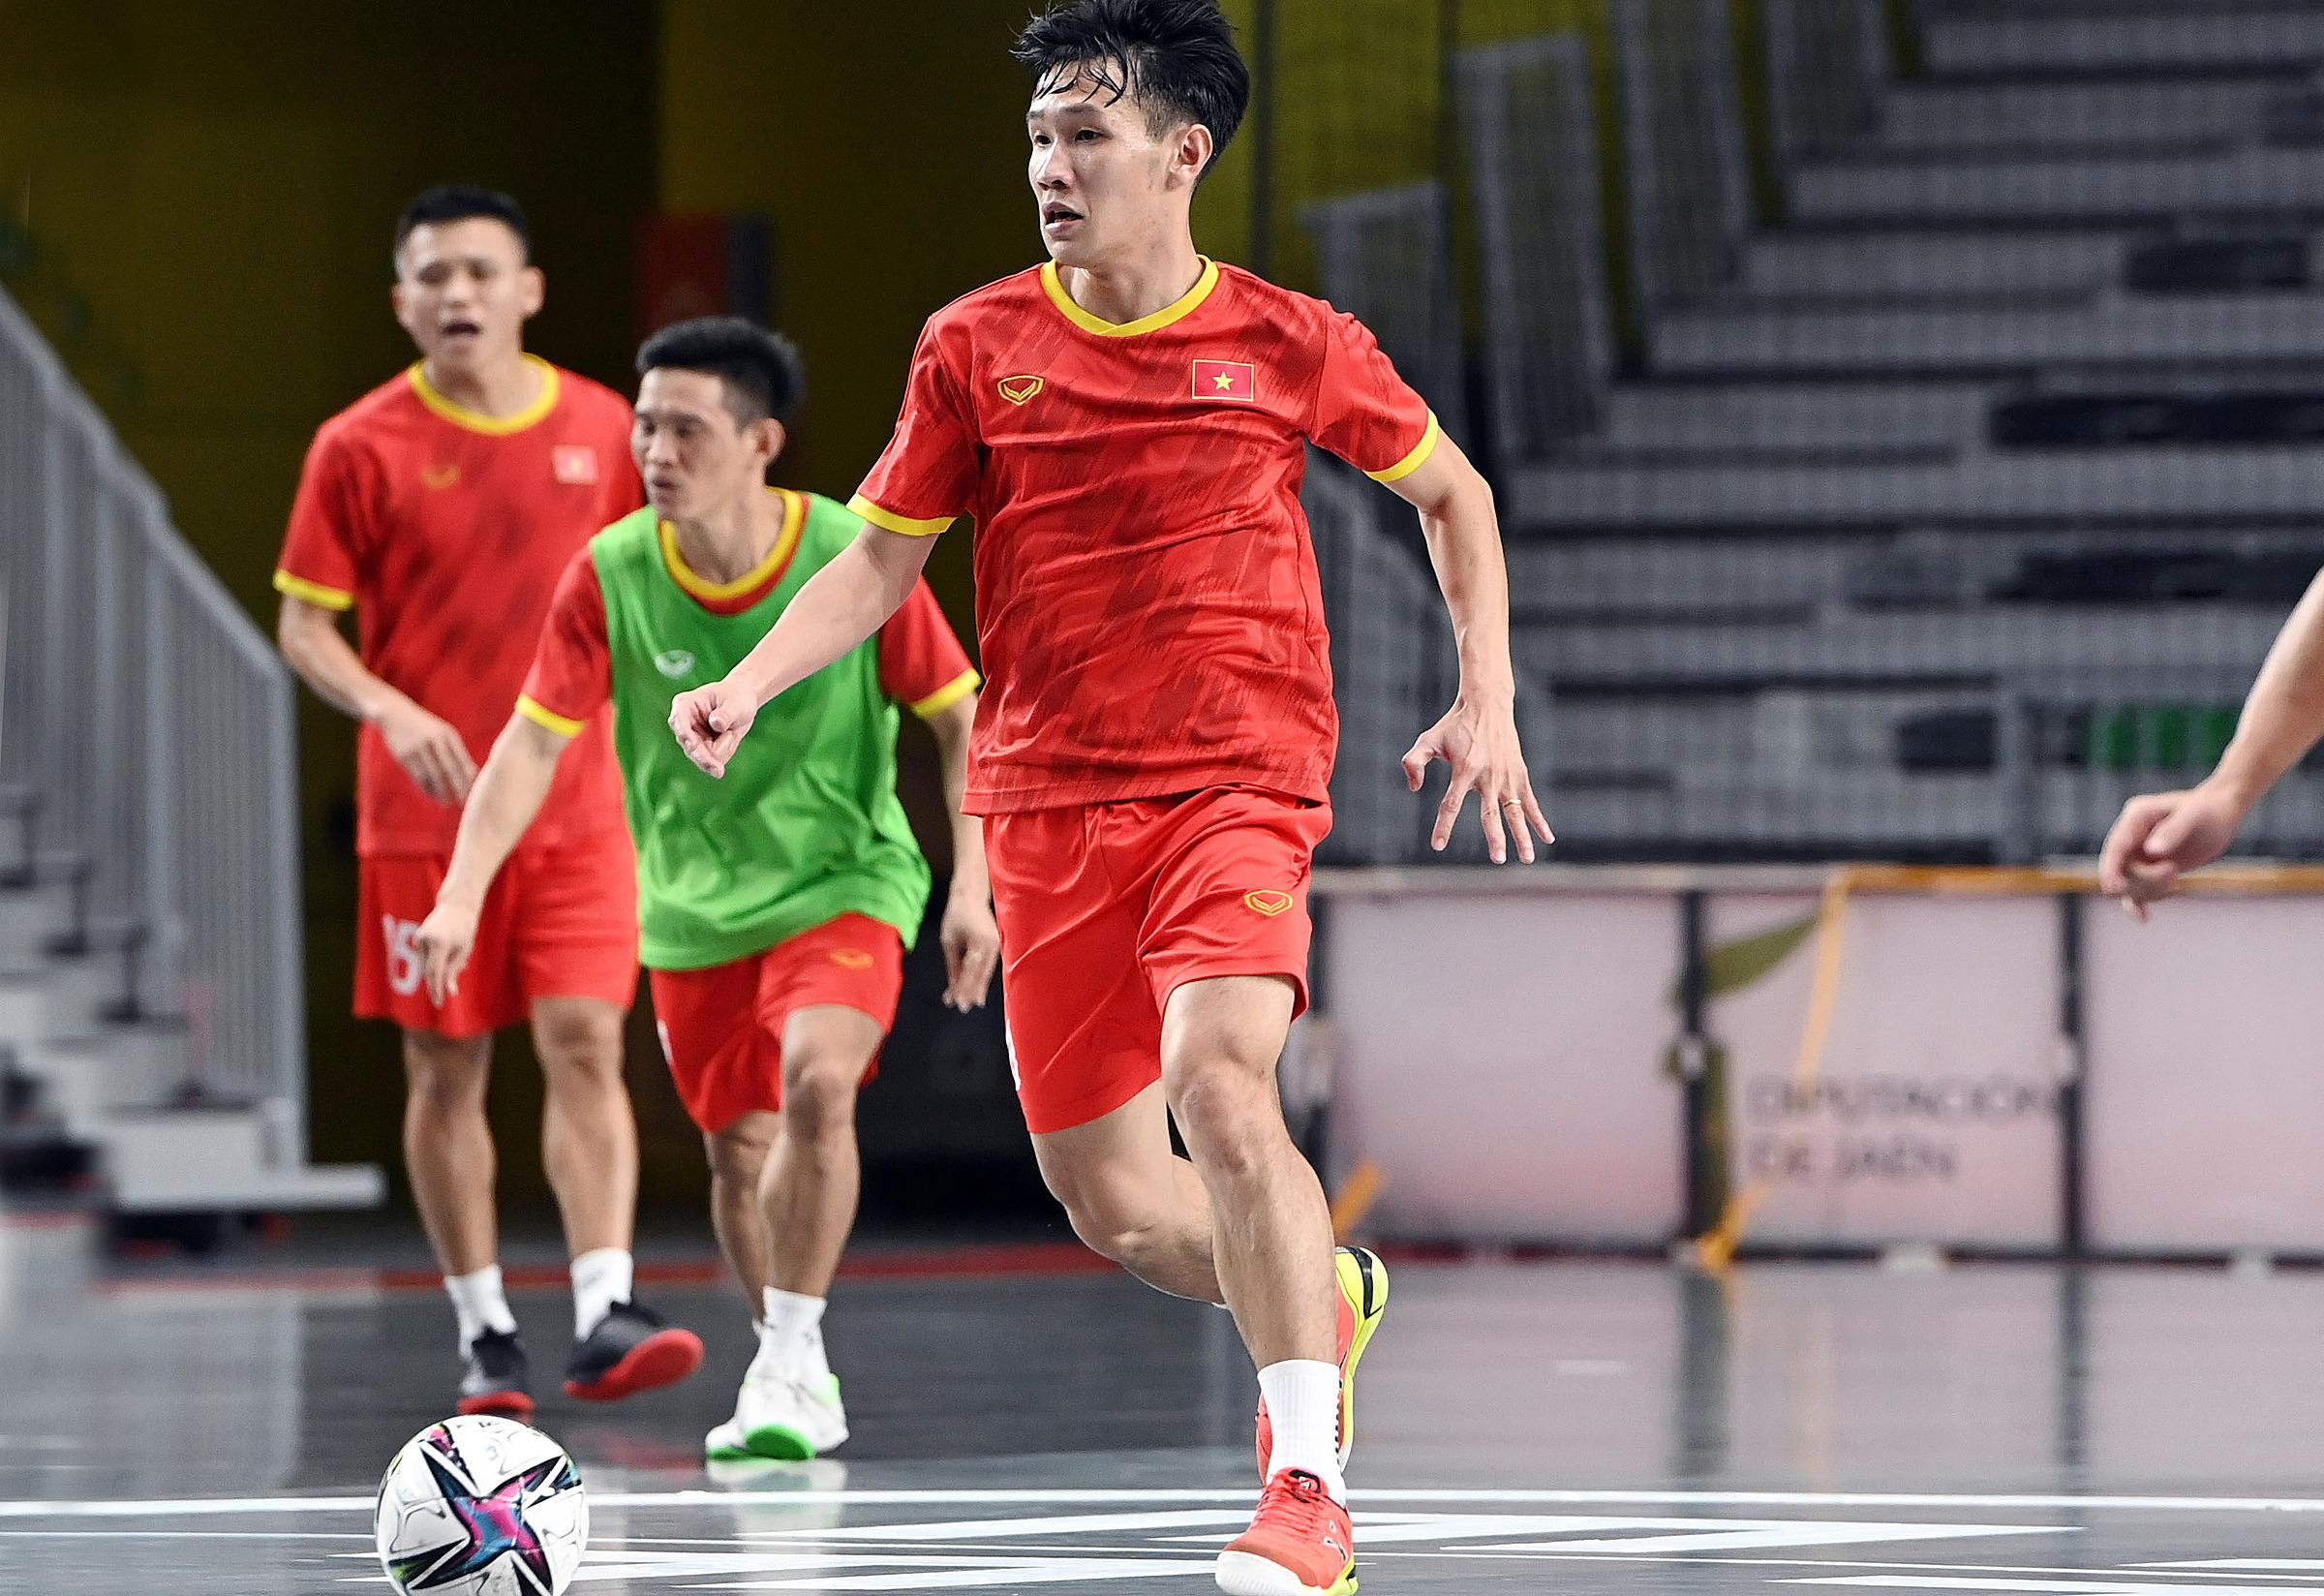 ทีมฟุตซอลเวียดนามกำลังฝึกซ้อมในสเปนเพื่อเตรียมพร้อมสำหรับรอบสุดท้ายของฟุตซอลฟุตบอลโลกปี 2021 ภาพ: VFF